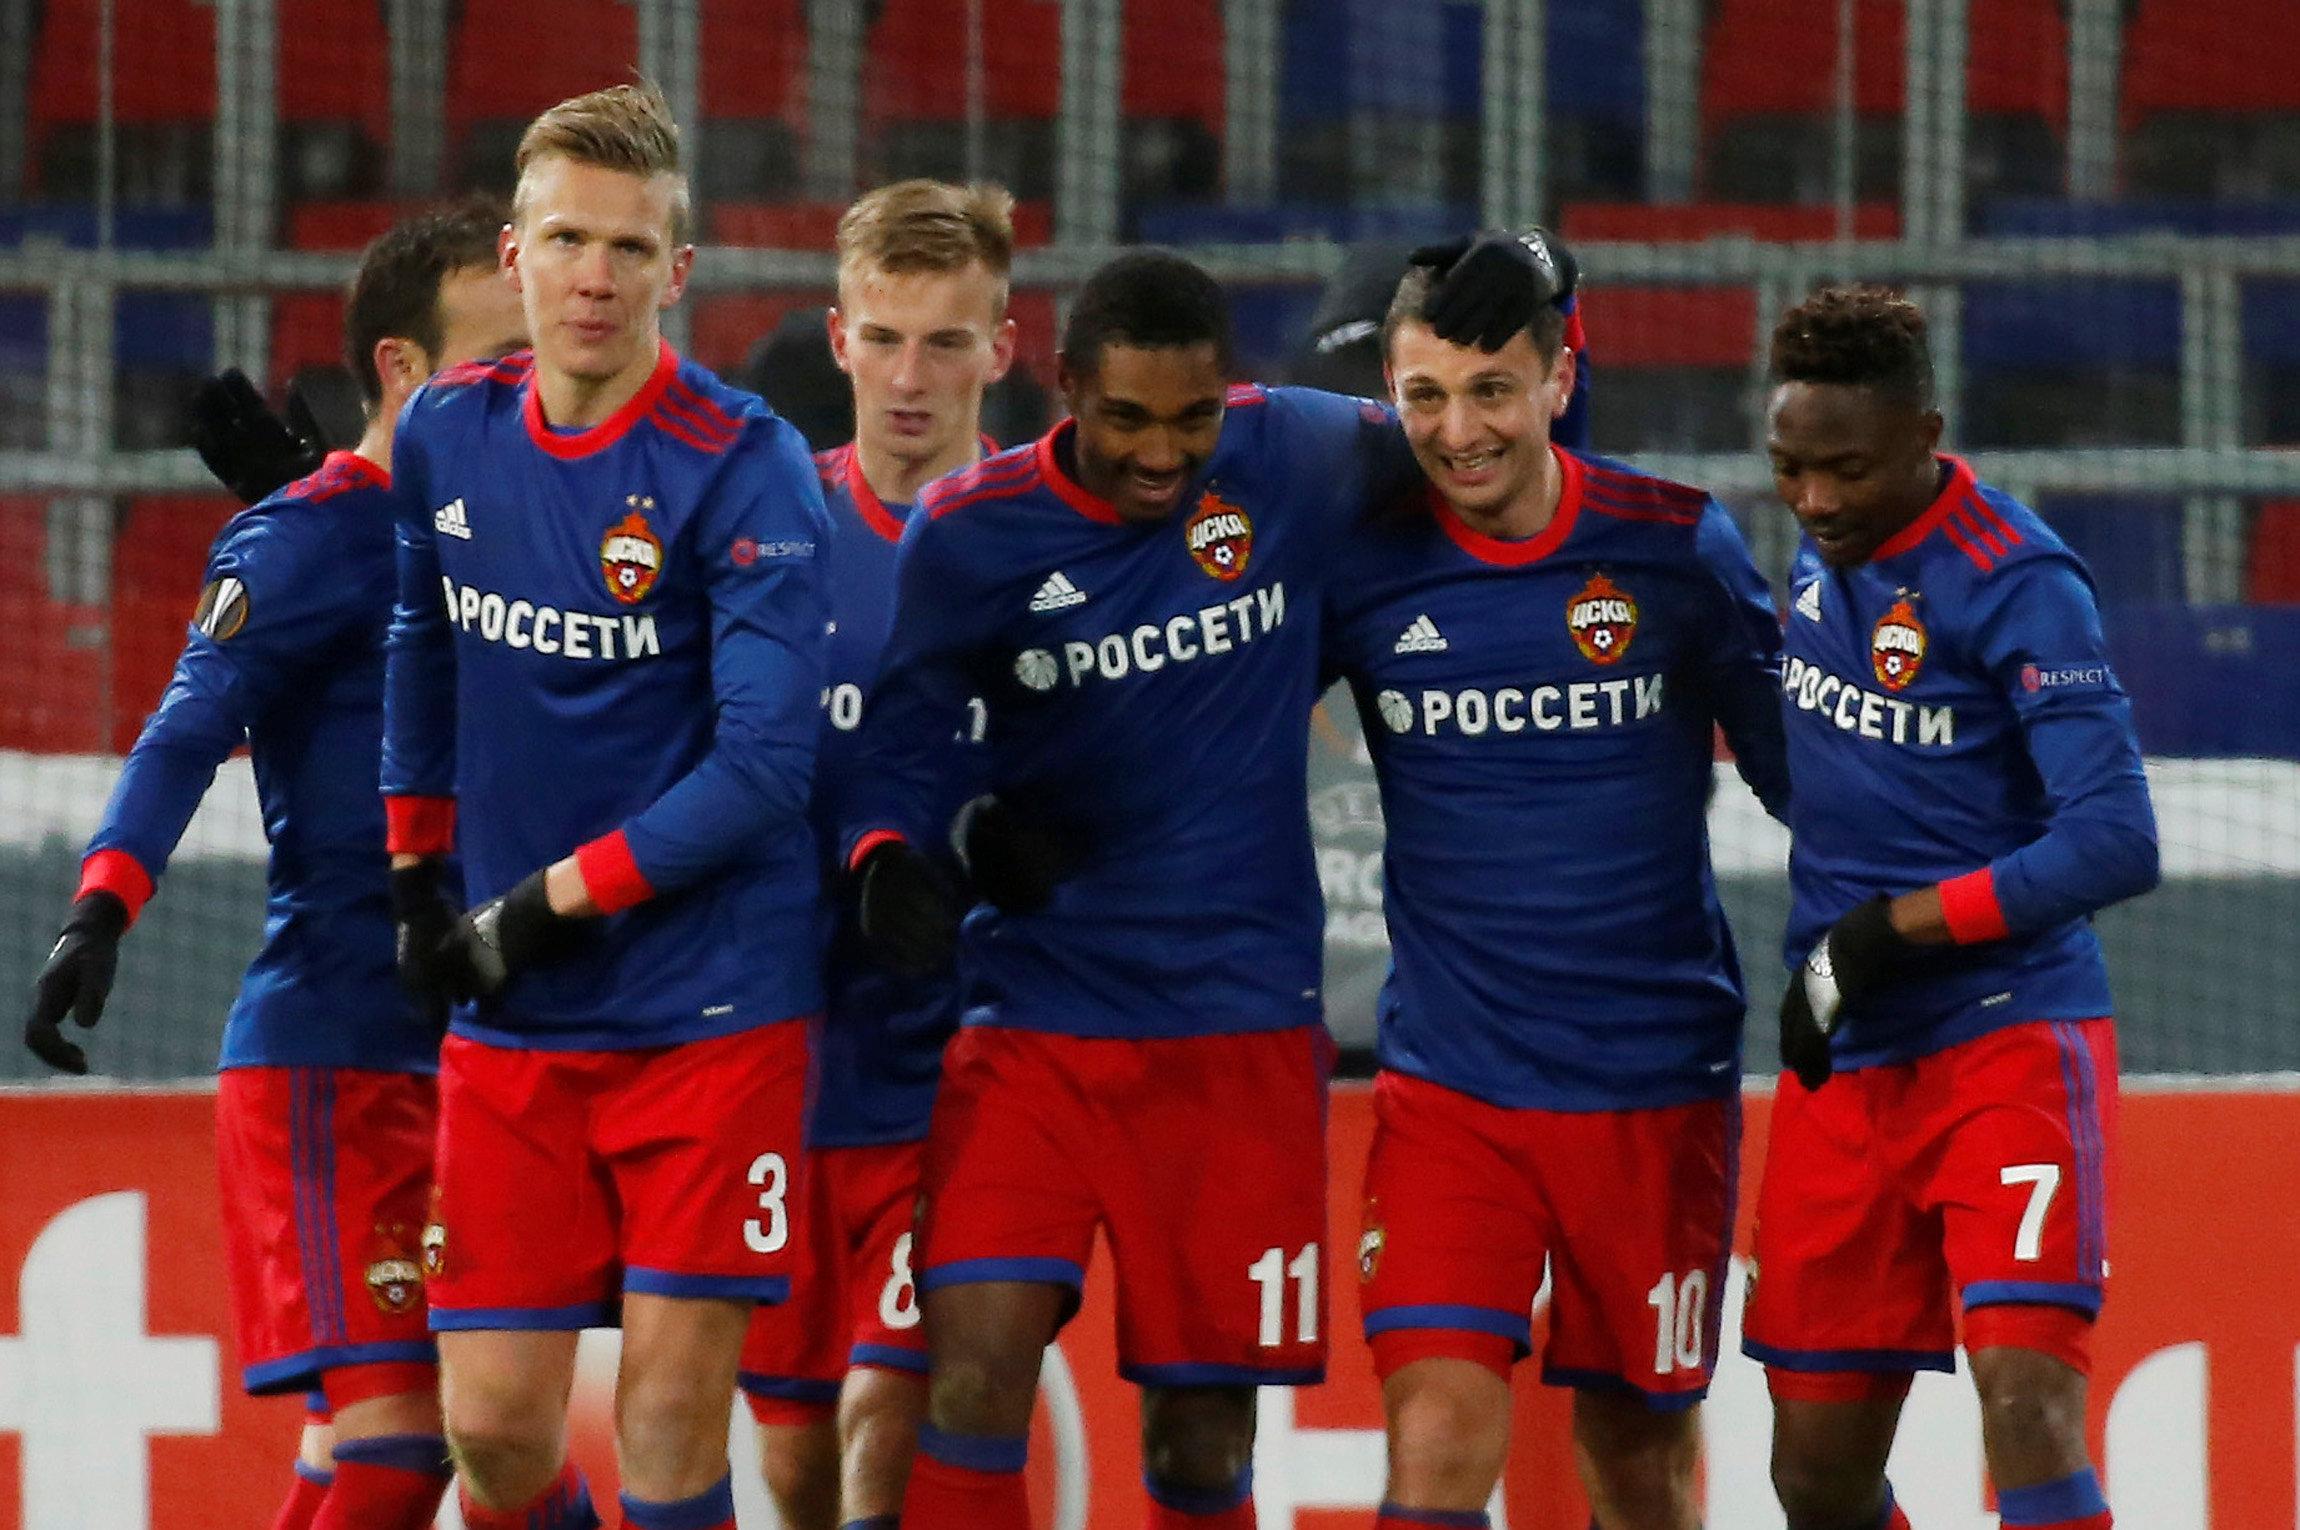 Niềm vui của các cầu thủ CSKA Moscow sau khi ghi bàn vào lưới Crvena Zvezda. Ảnh: REUTERS